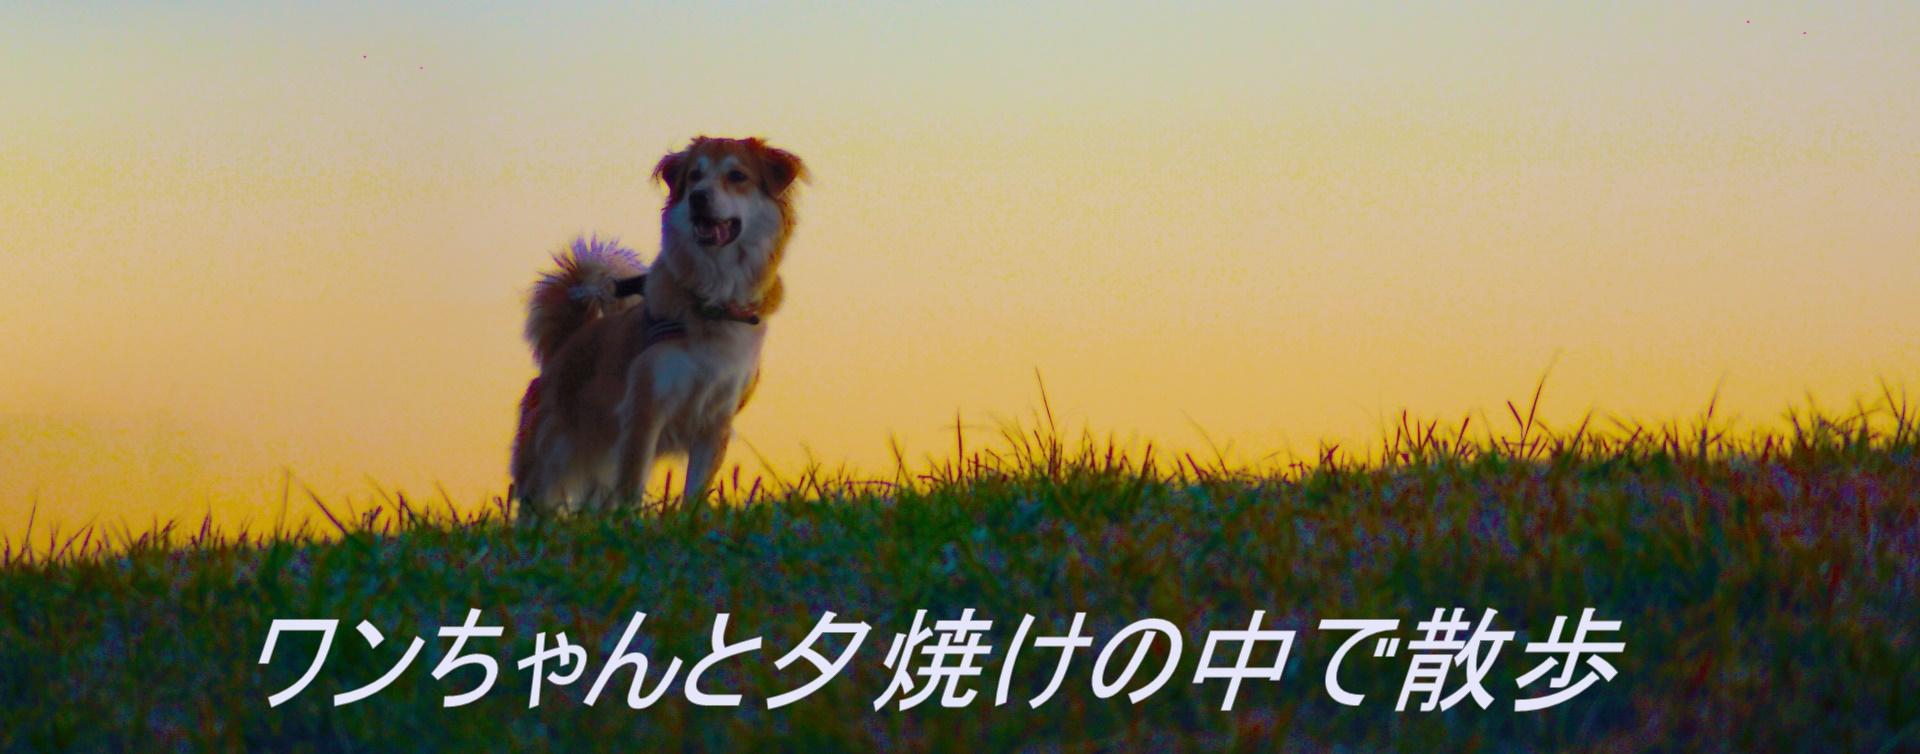 ワンちゃんと夕焼けの中で散歩